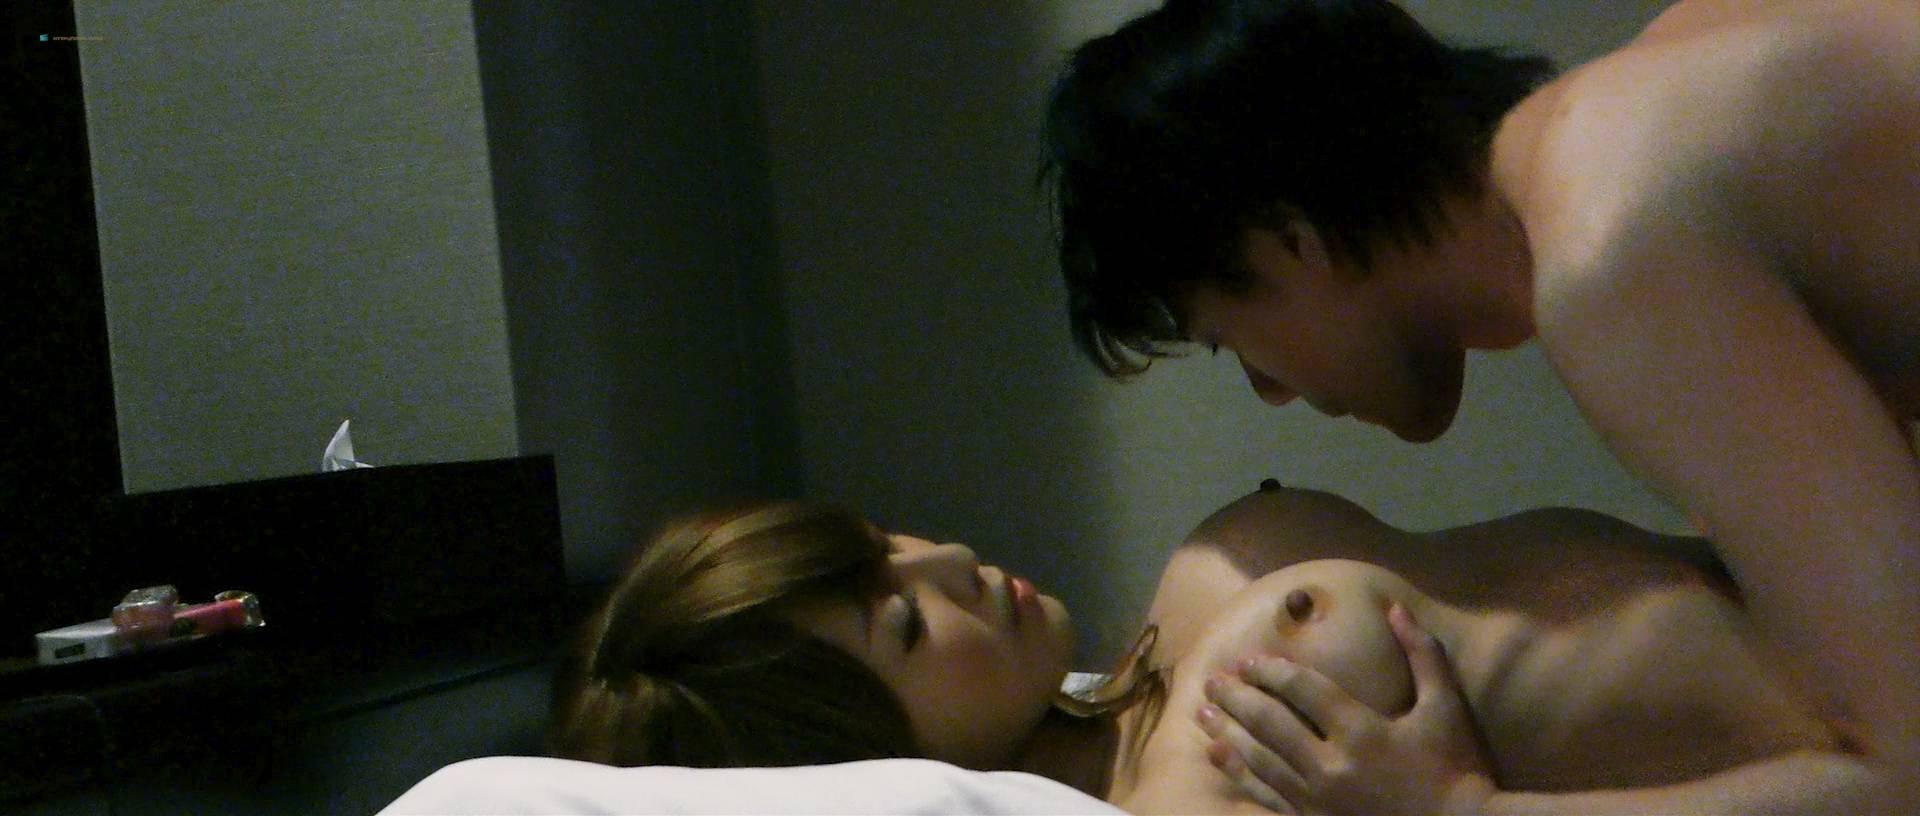 Misaki Morino nude Mitsue Wakamatsu and Natsuko Kimura nude sex, lesbian - Atashira (JP-2017) HD 1080p BluRay (12)